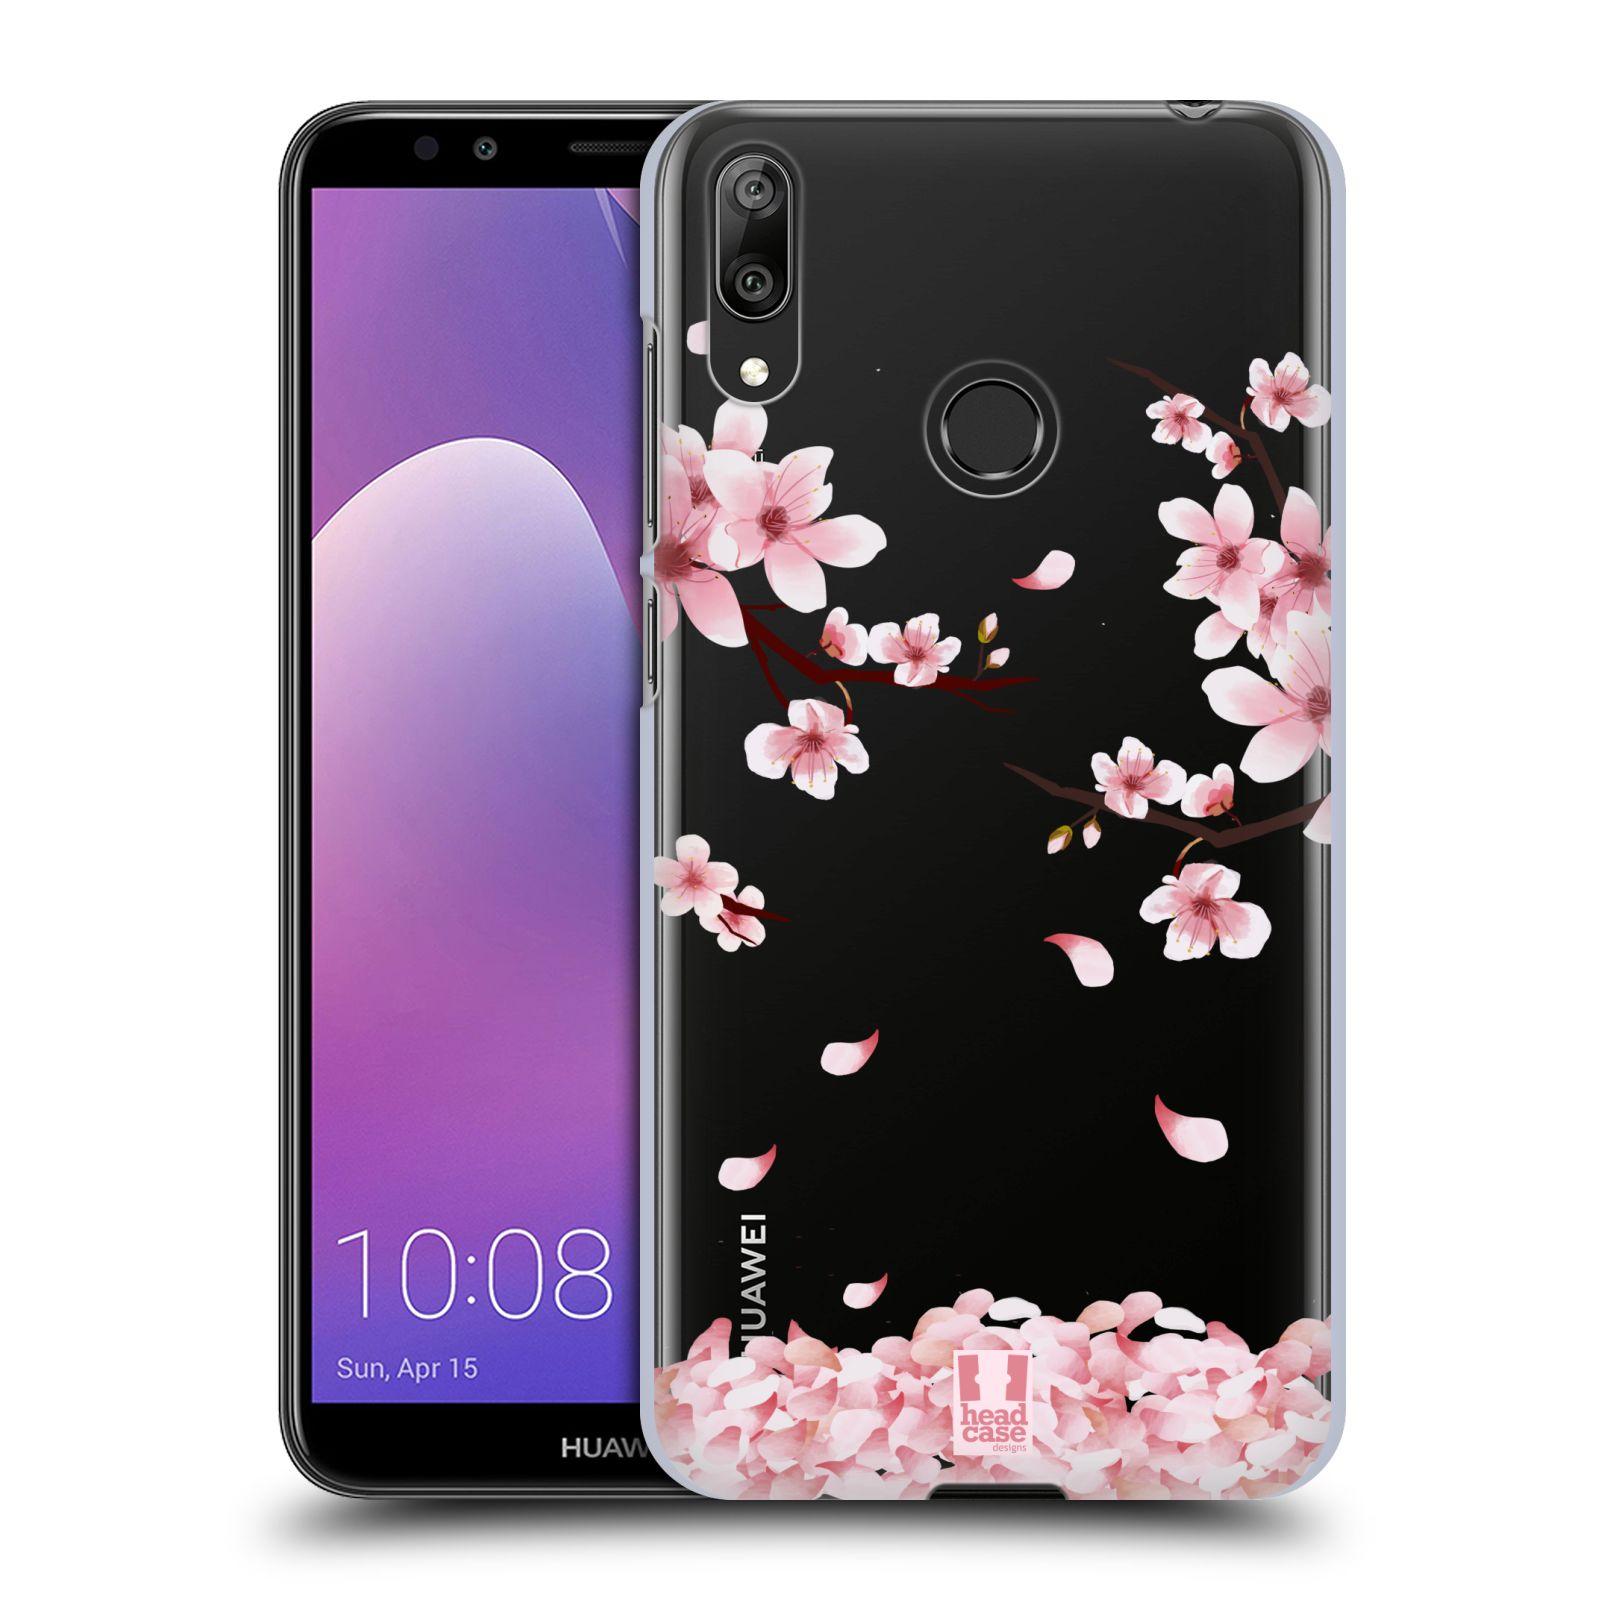 Plastové pouzdro na mobil Huawei Y7 (2019) - Head Case - Květy a větvičky